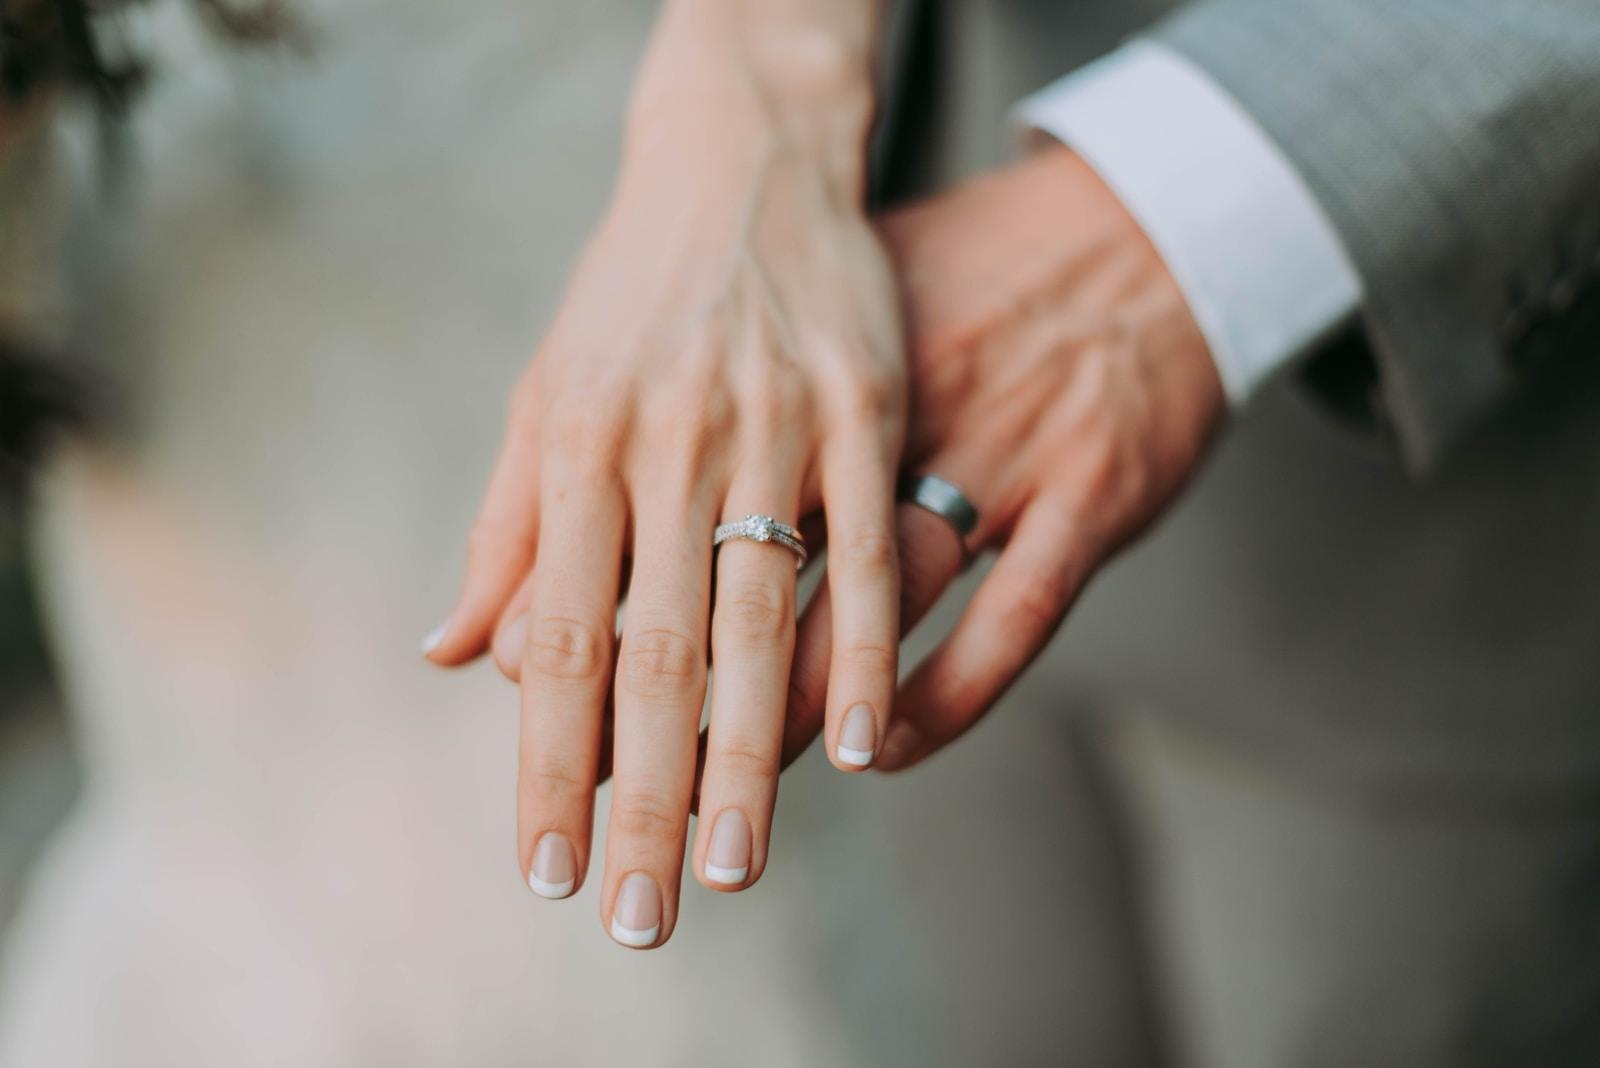 Αλλαγή επωνύμου μετά το γάμο